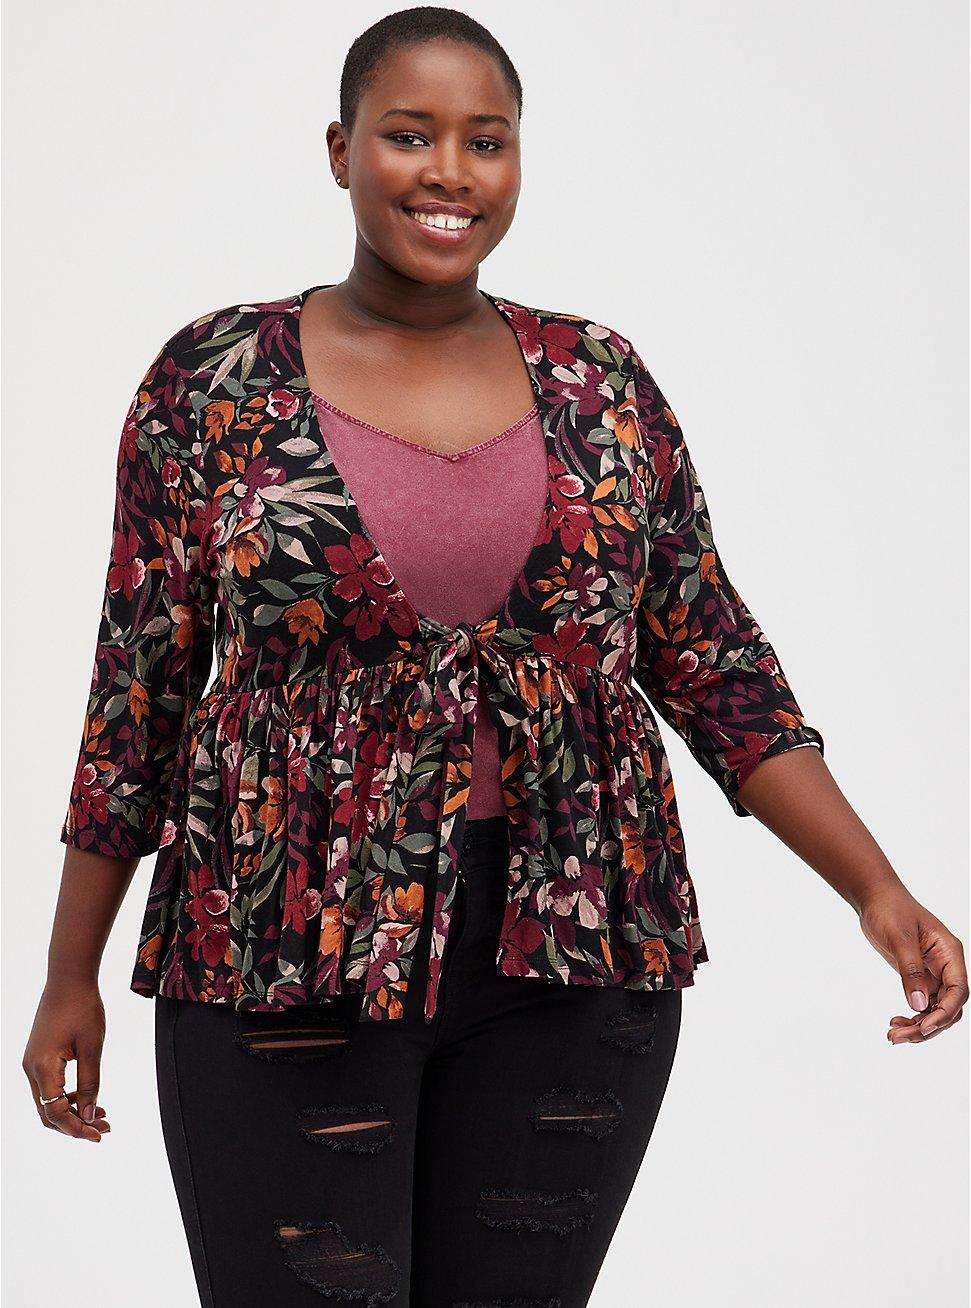 Black Floral Knit Babydoll Jacket, MULTI FORAL, hi-res